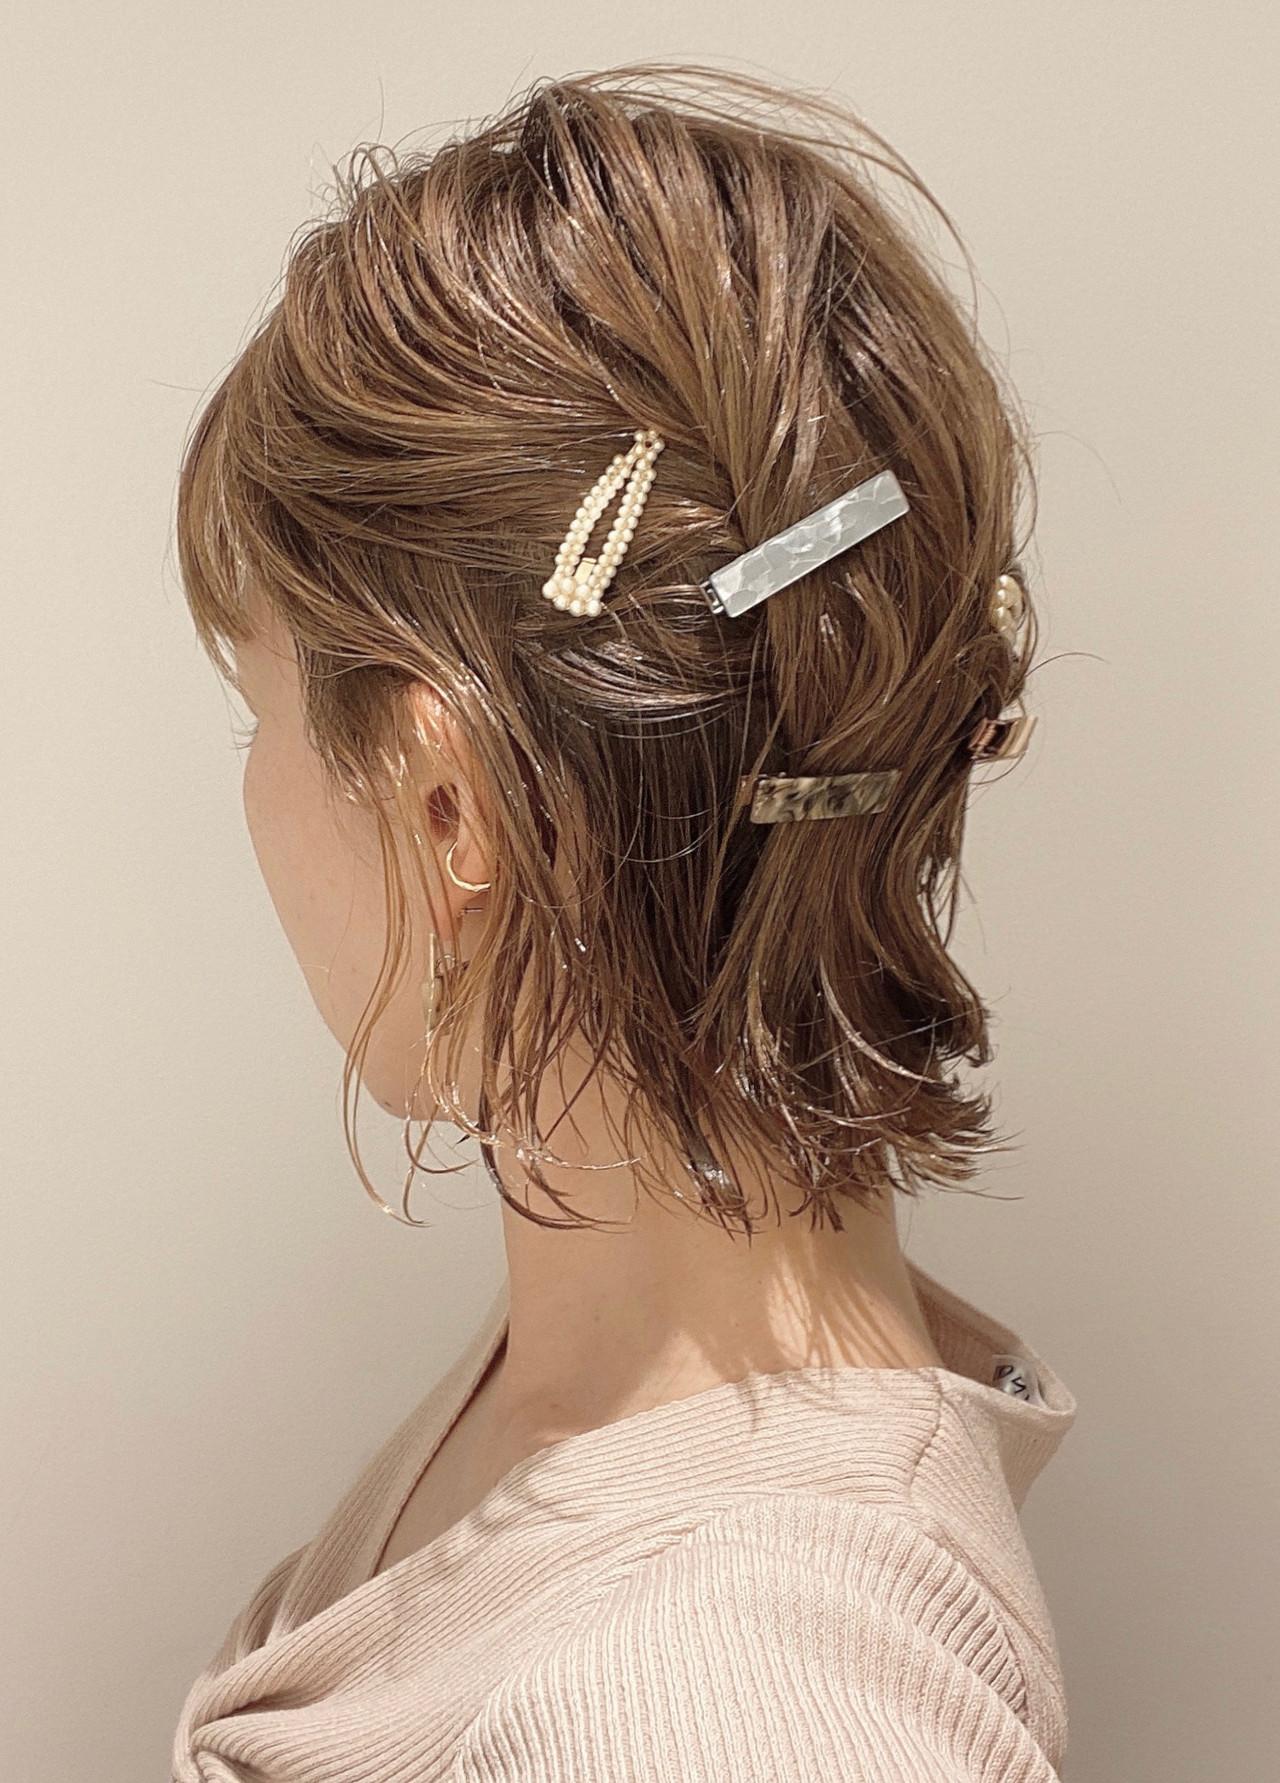 ナチュラル 切りっぱなしボブ 簡単ヘアアレンジ ミニボブ ヘアスタイルや髪型の写真・画像